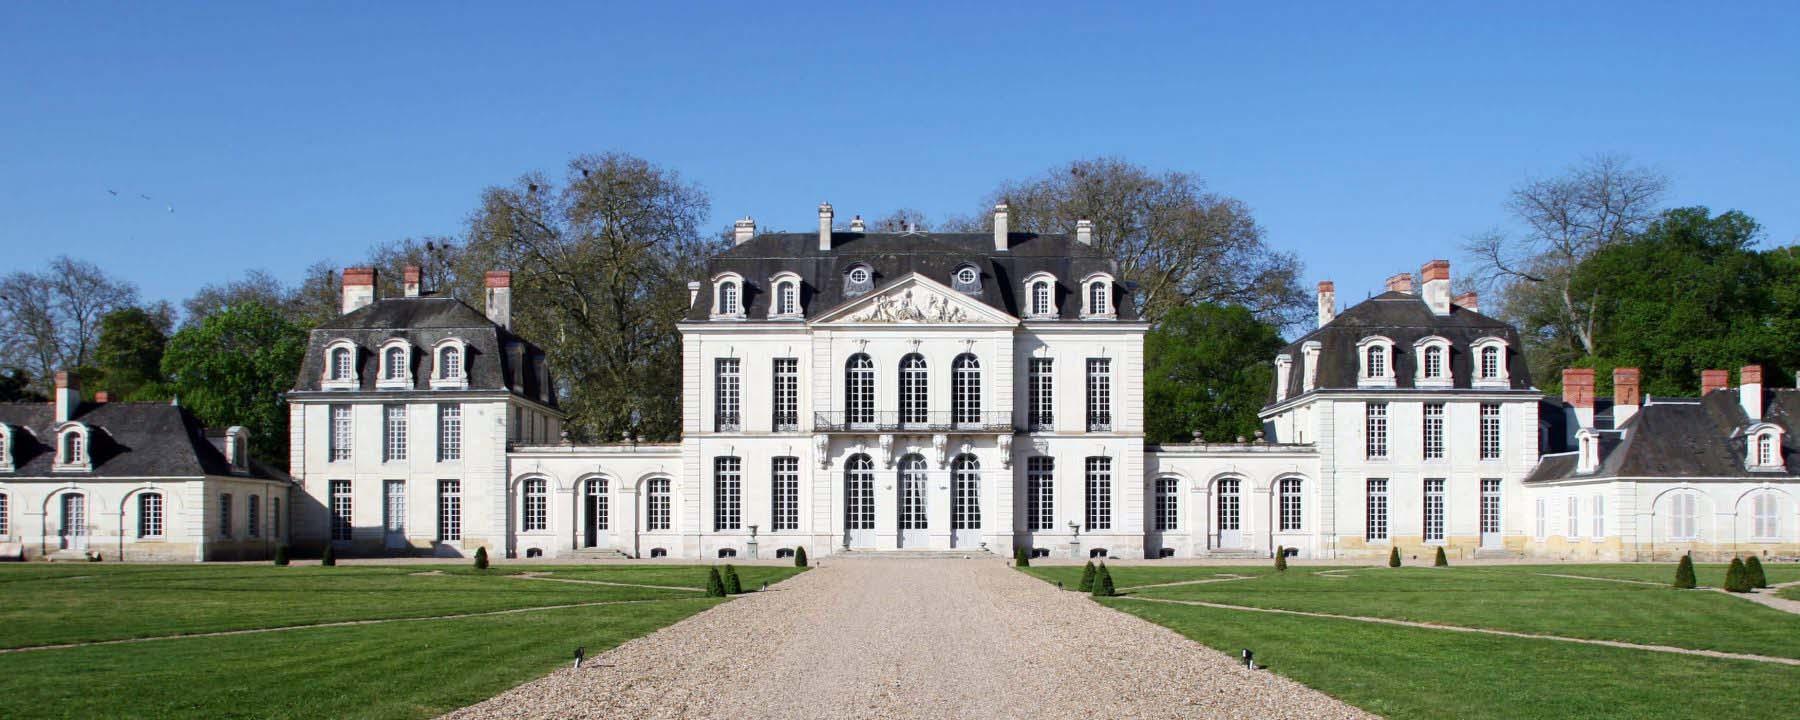 cropped-Corps-central-depuis-la-grille_chateau_paris.jpg